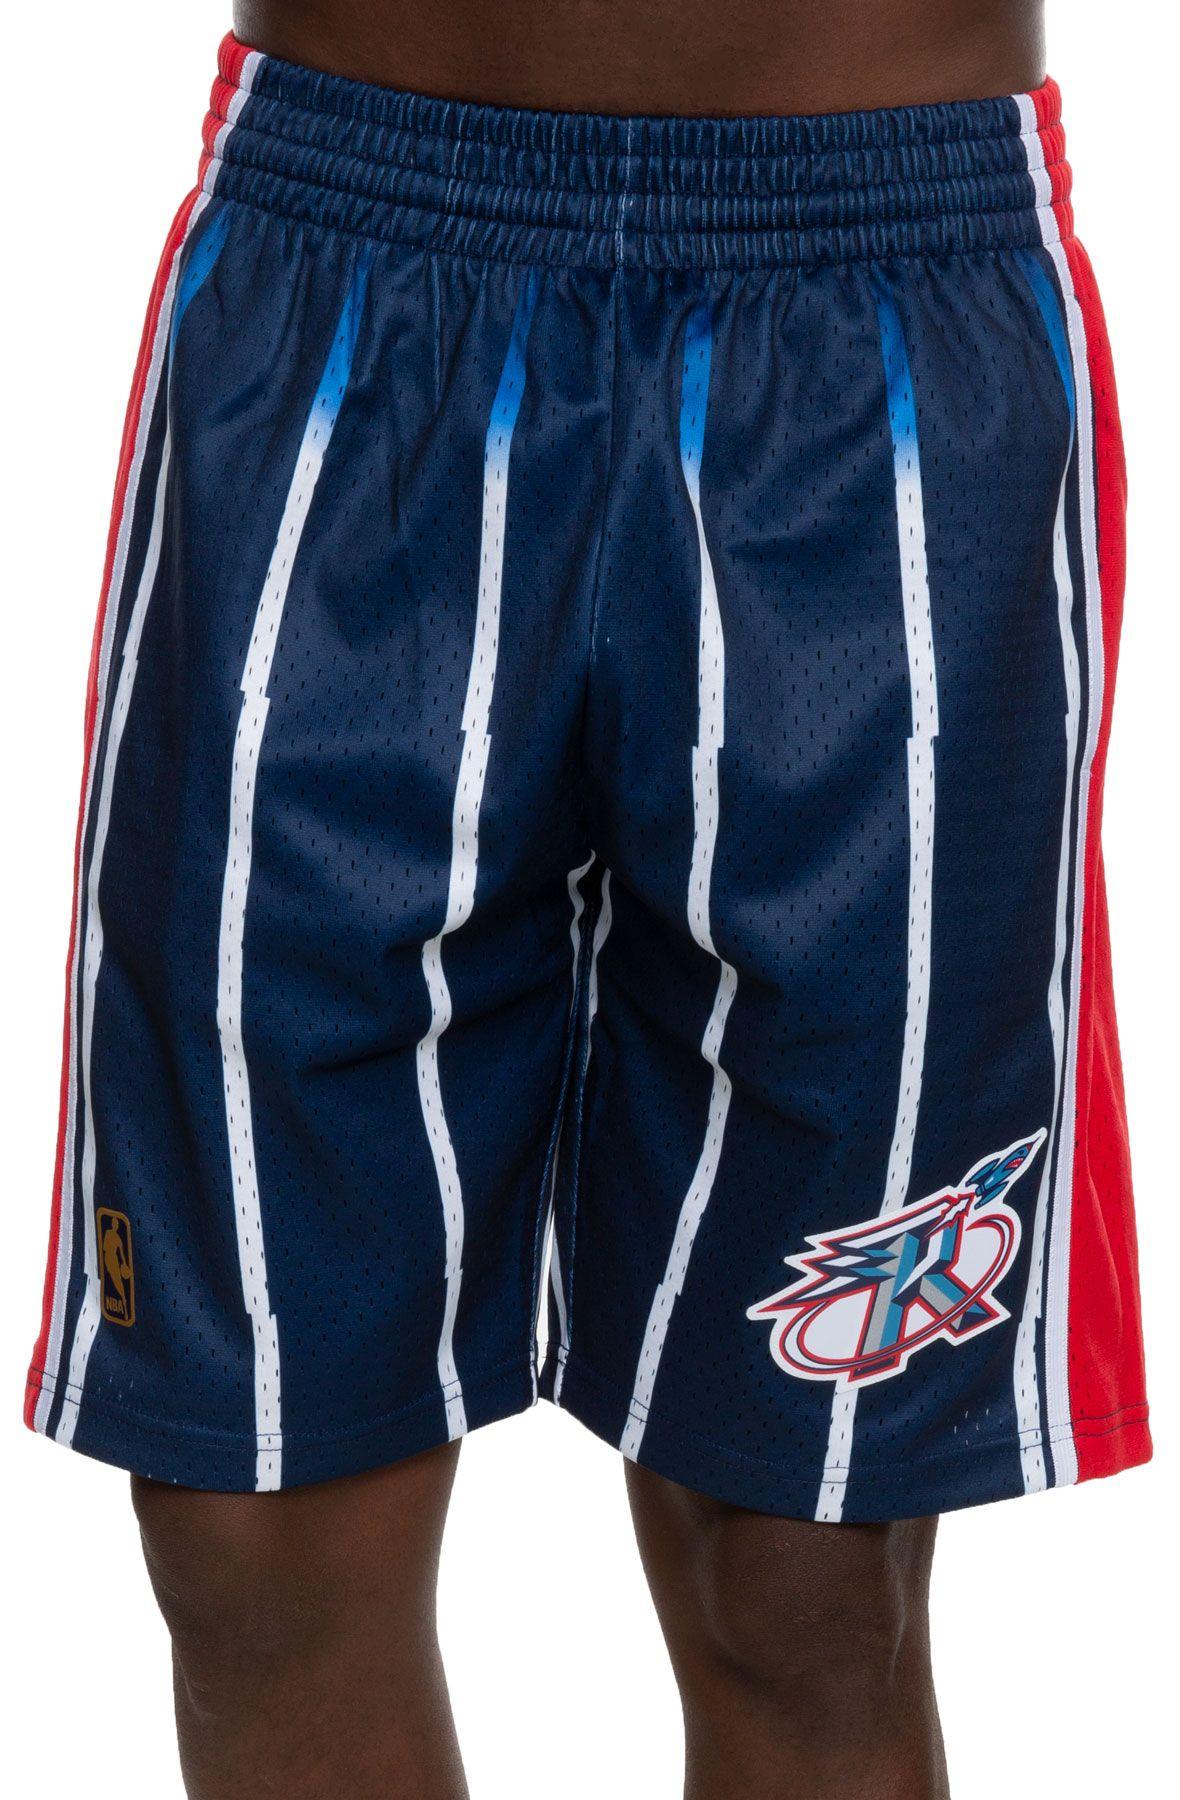 wholesale dealer 87530 a6ce0 Houston Rockets Swingman Shorts